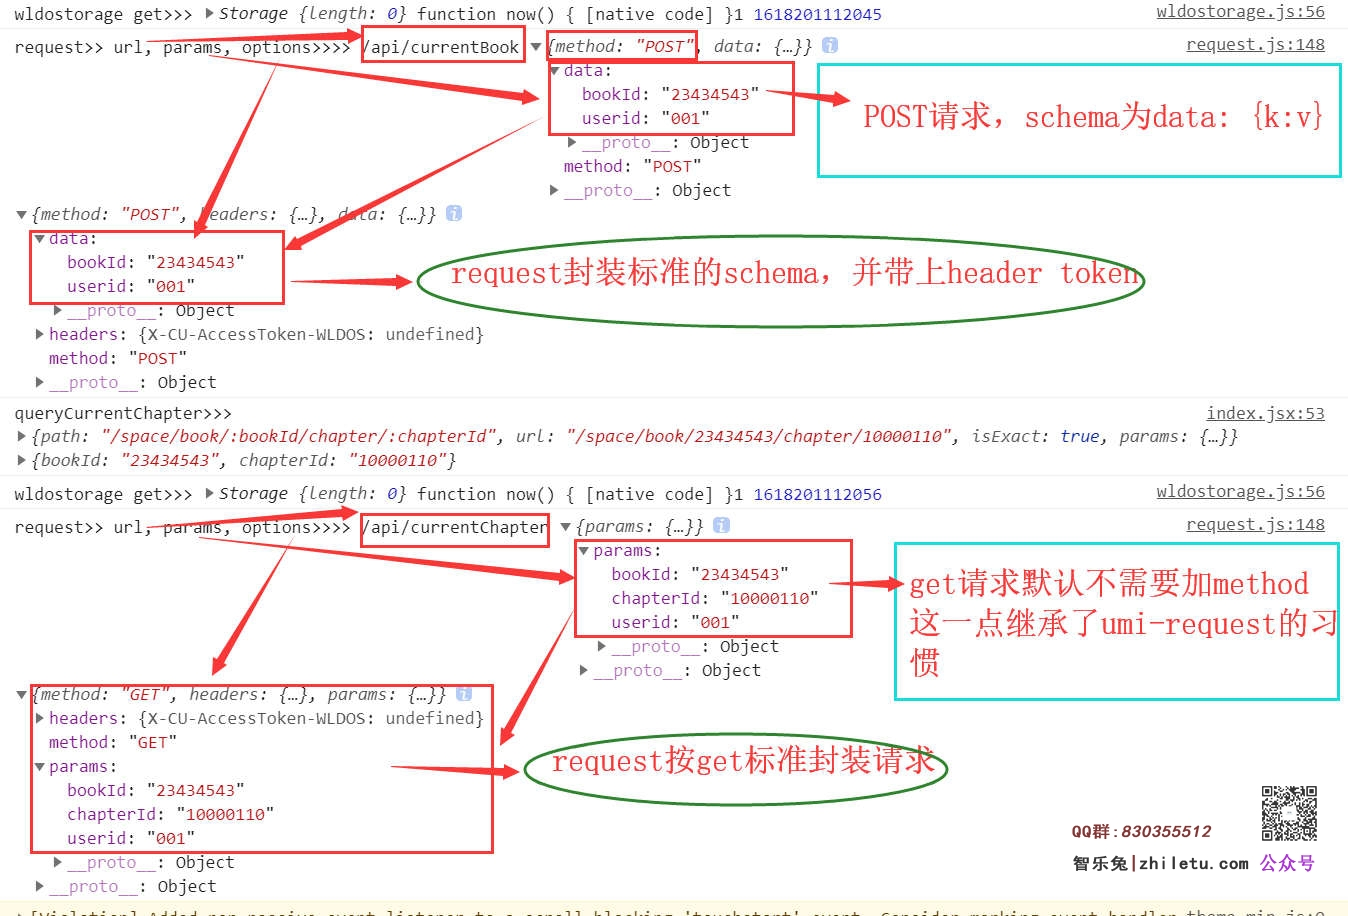 前后端分离使用localStorage替代cookies并封装到umi-request组成跨终端请求插件wldos-request